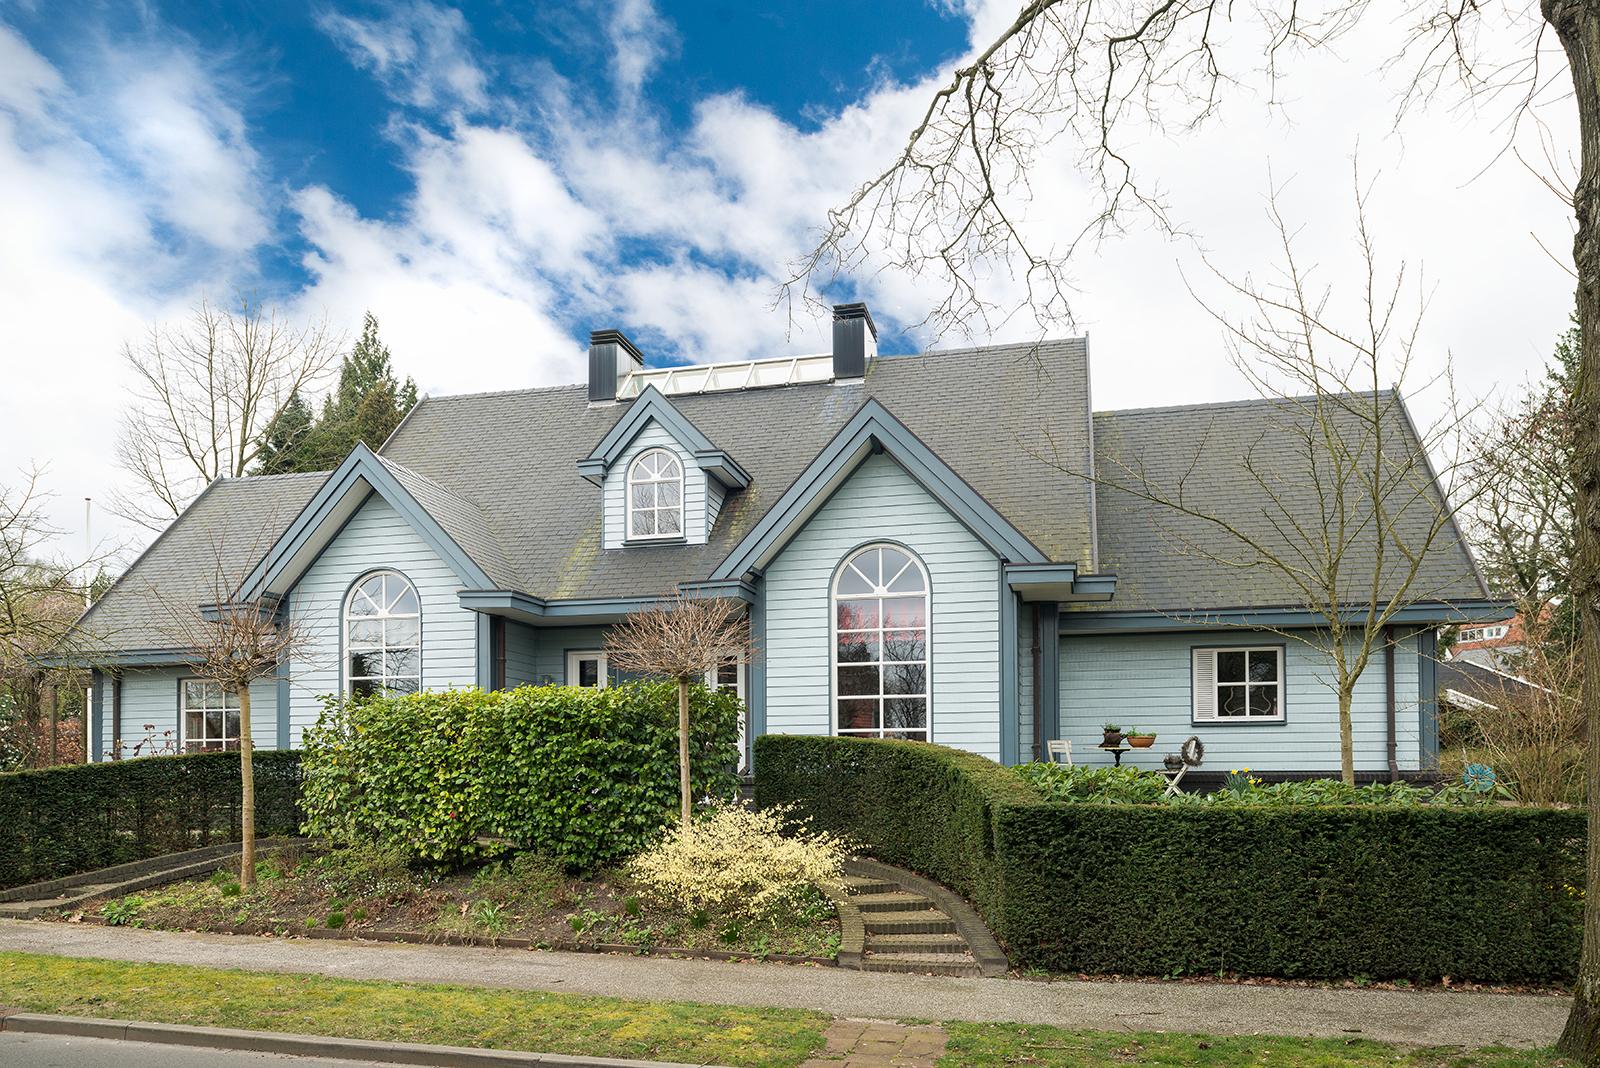 Ongekend Villa in Amerikaanse stijl - Finnlogs houtbouw bv RR-17